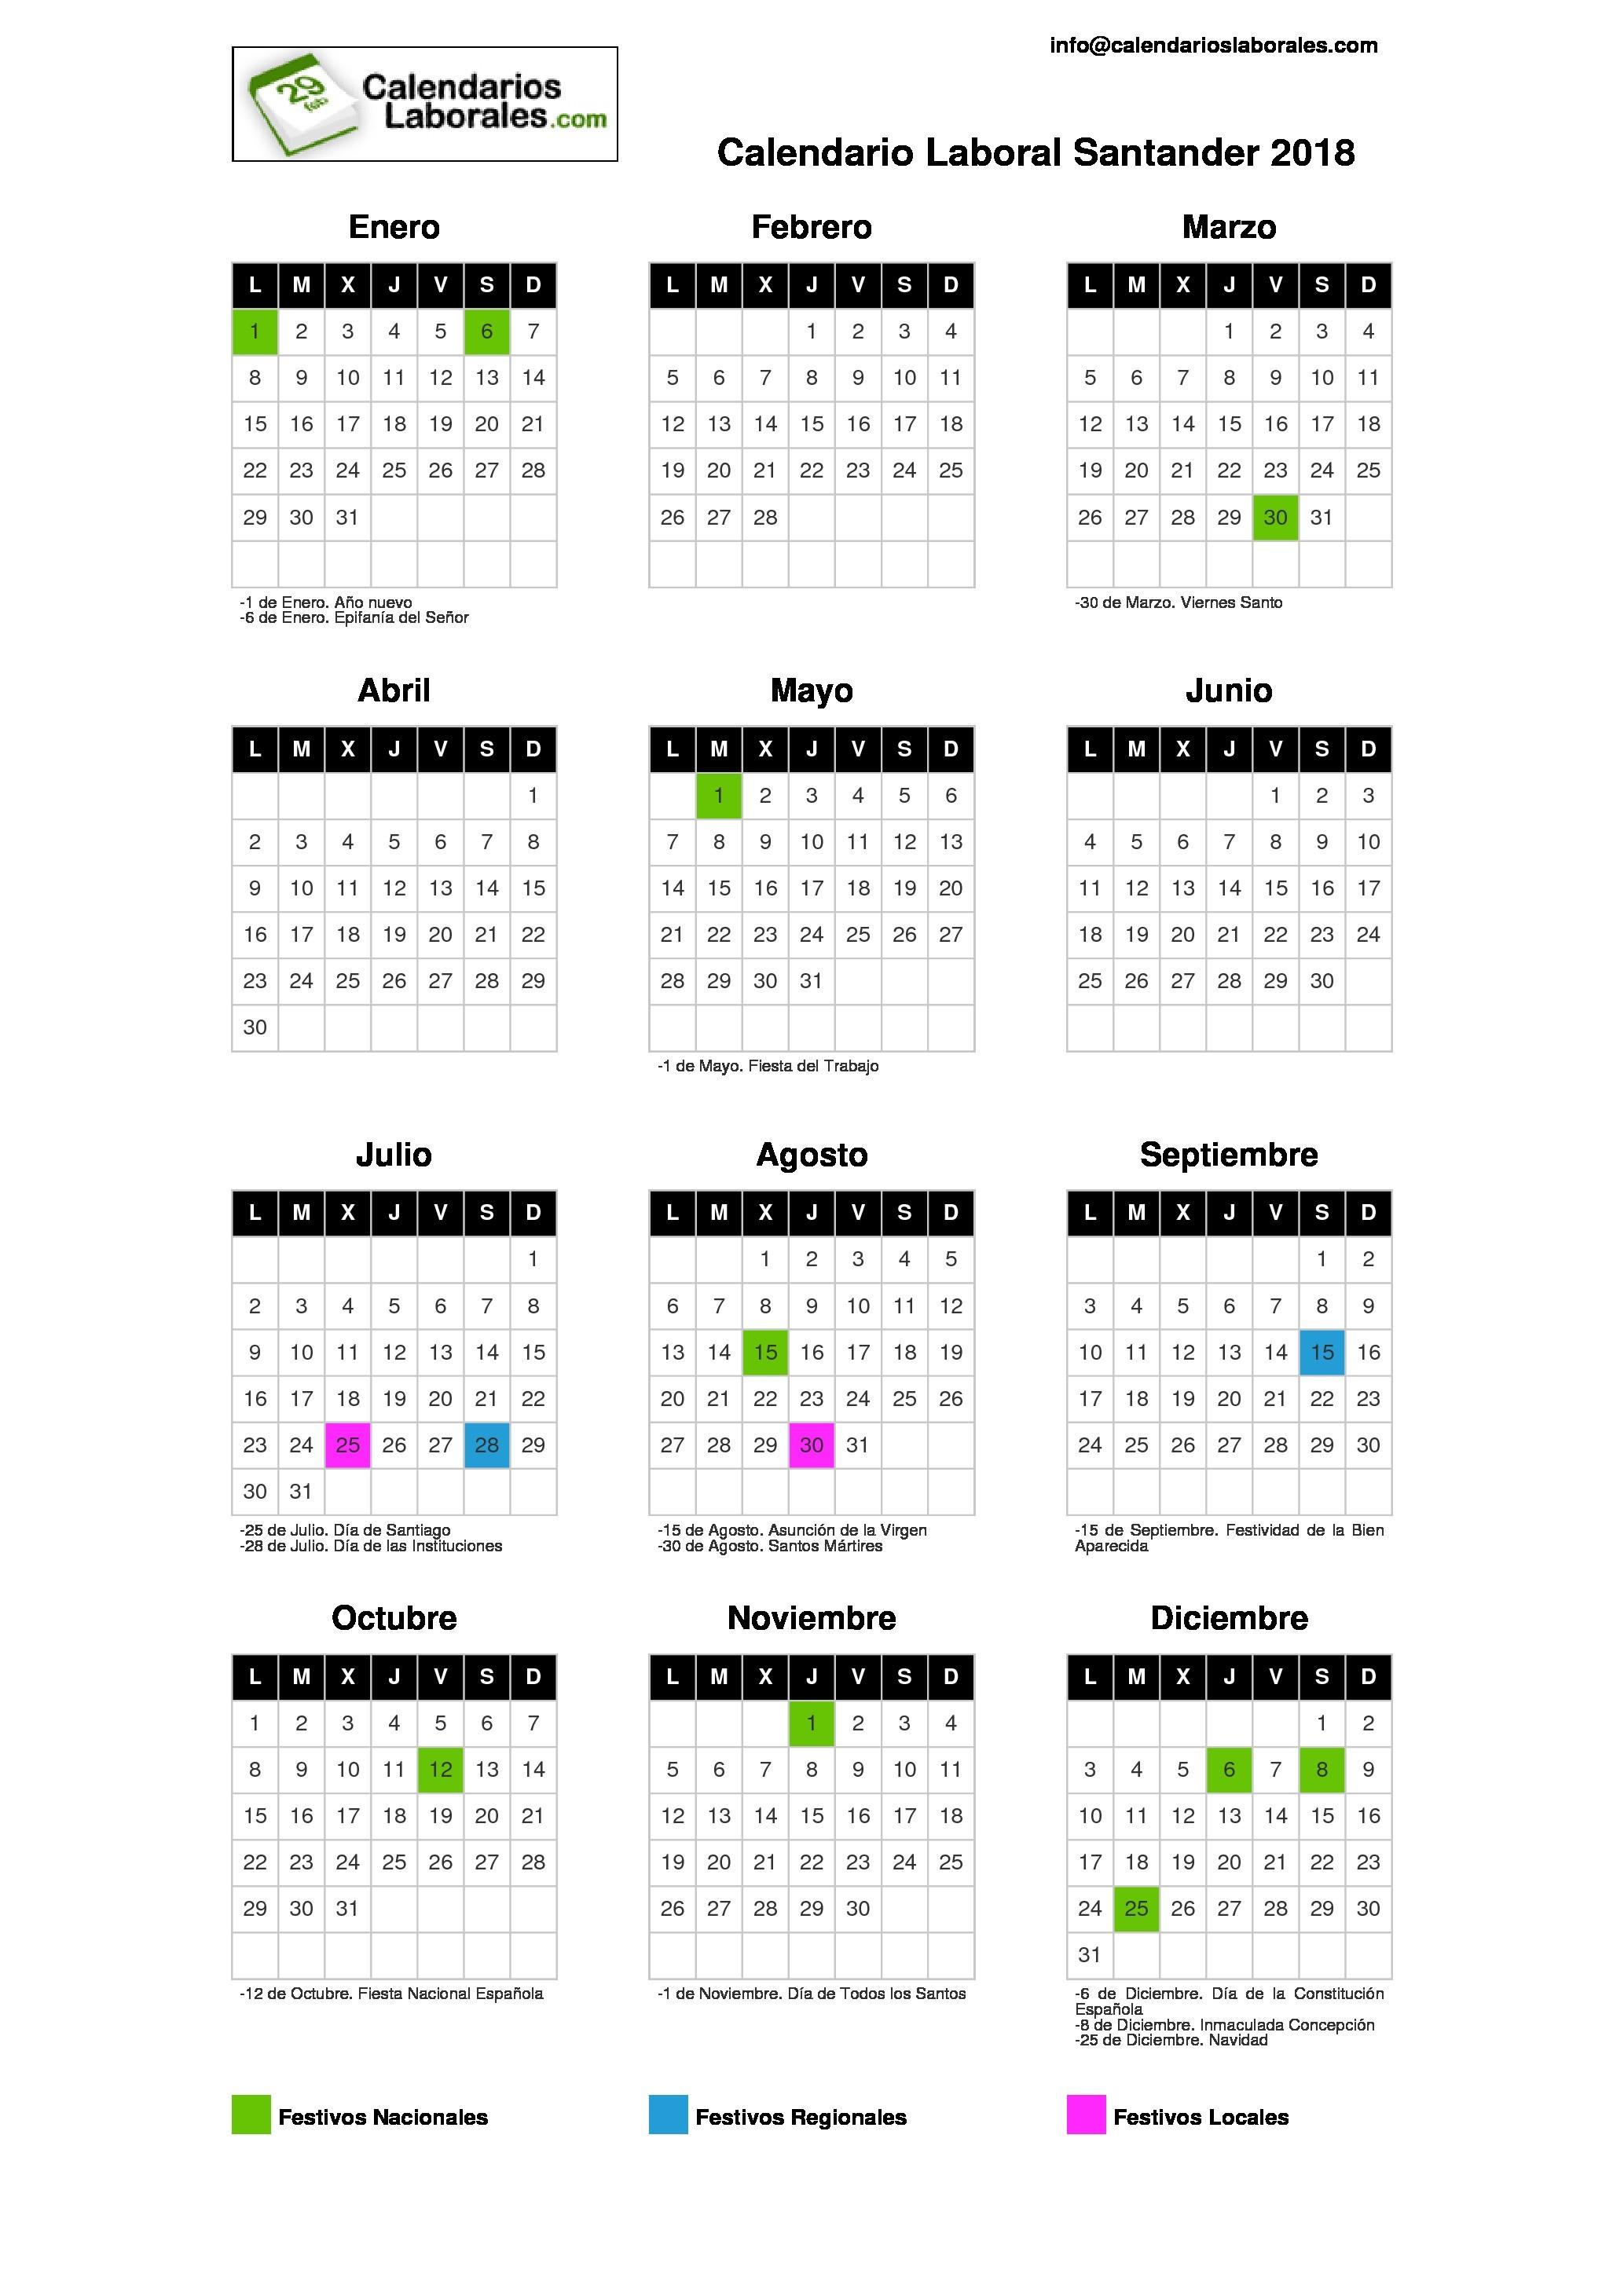 Calendario De Agosto 2017 Para Imprimir Word Más Reciente Calendario Laboral Santander 2018